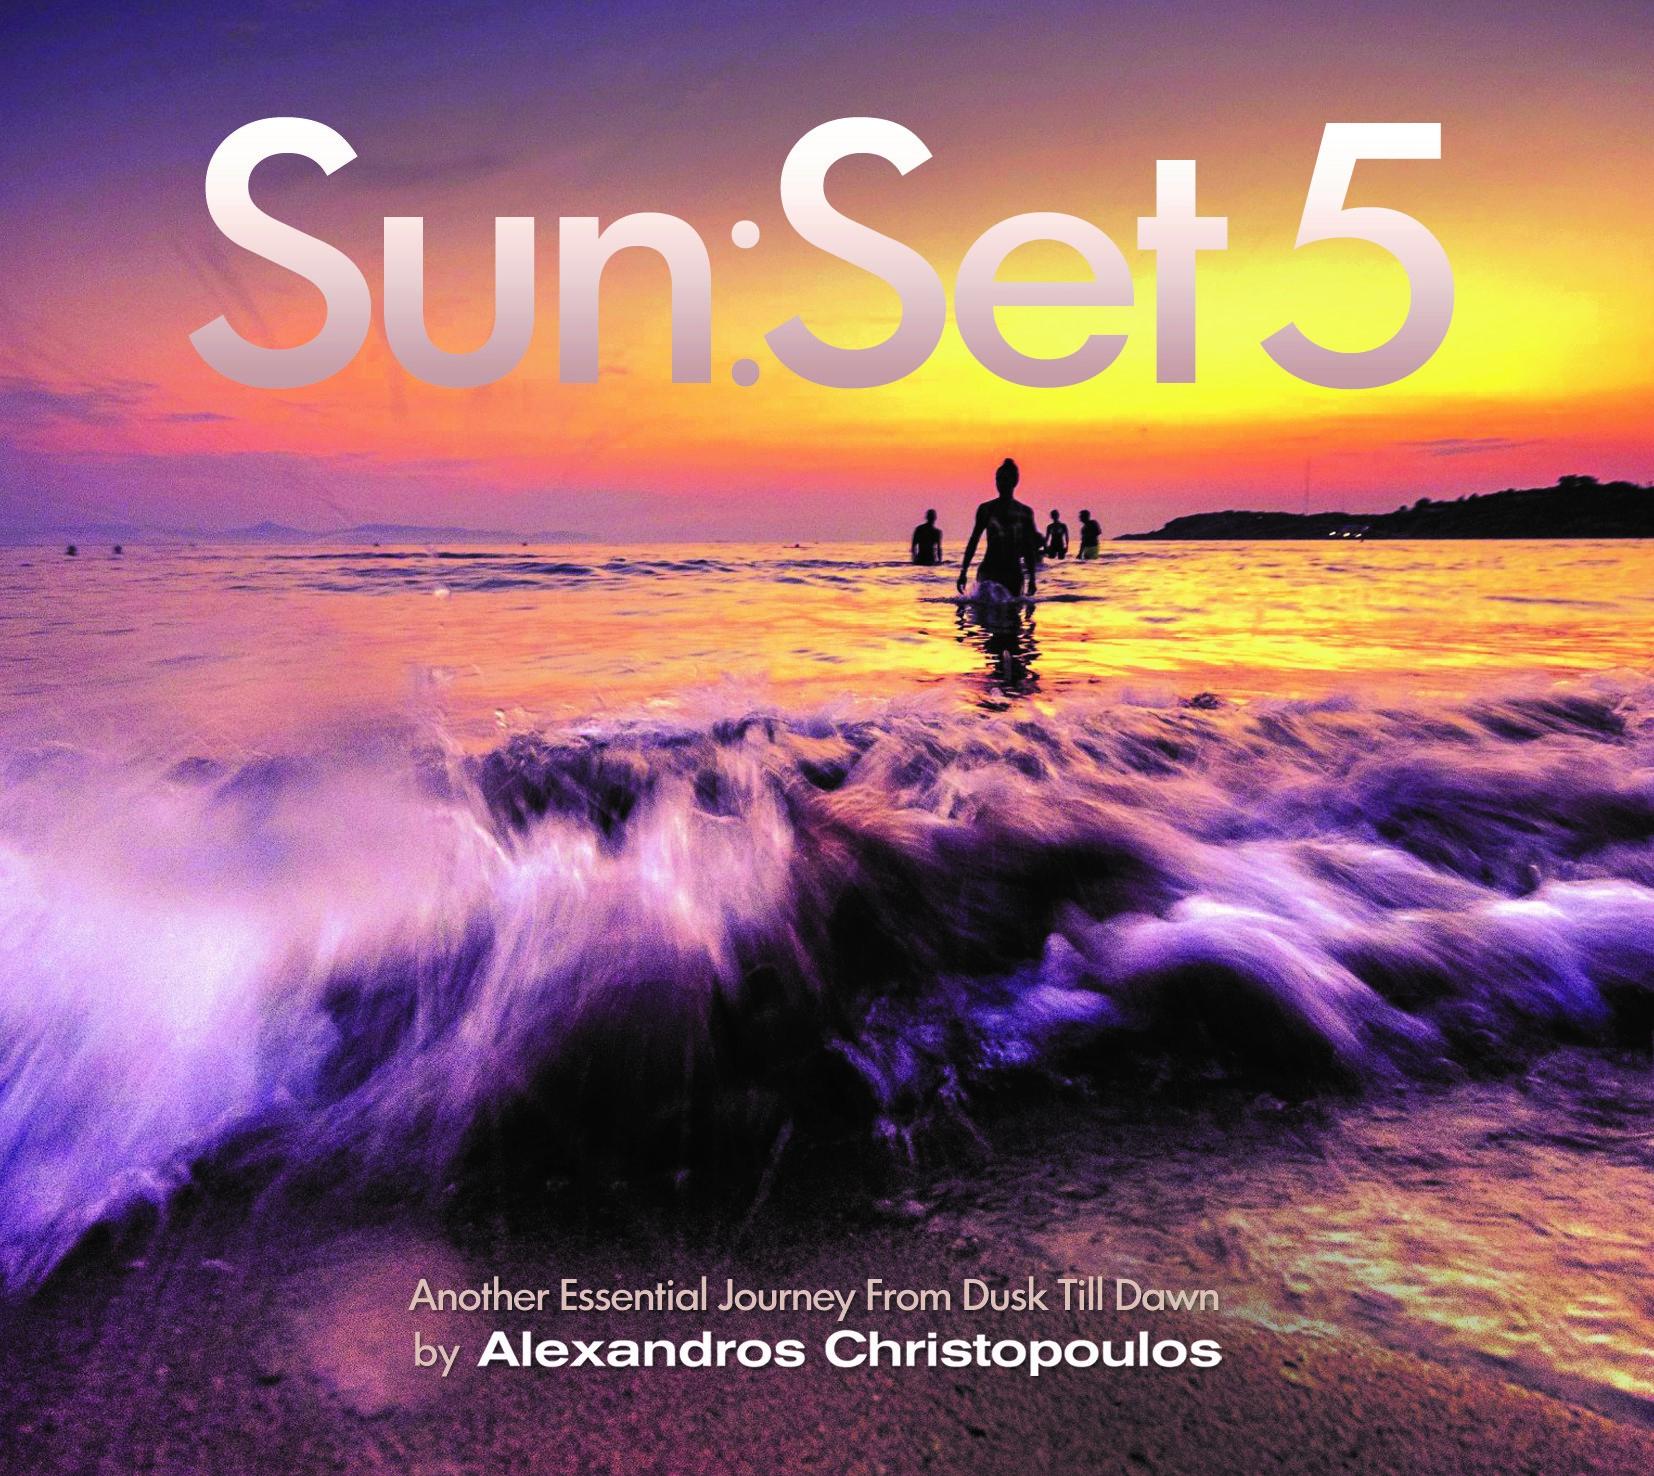 Sun:Set 5